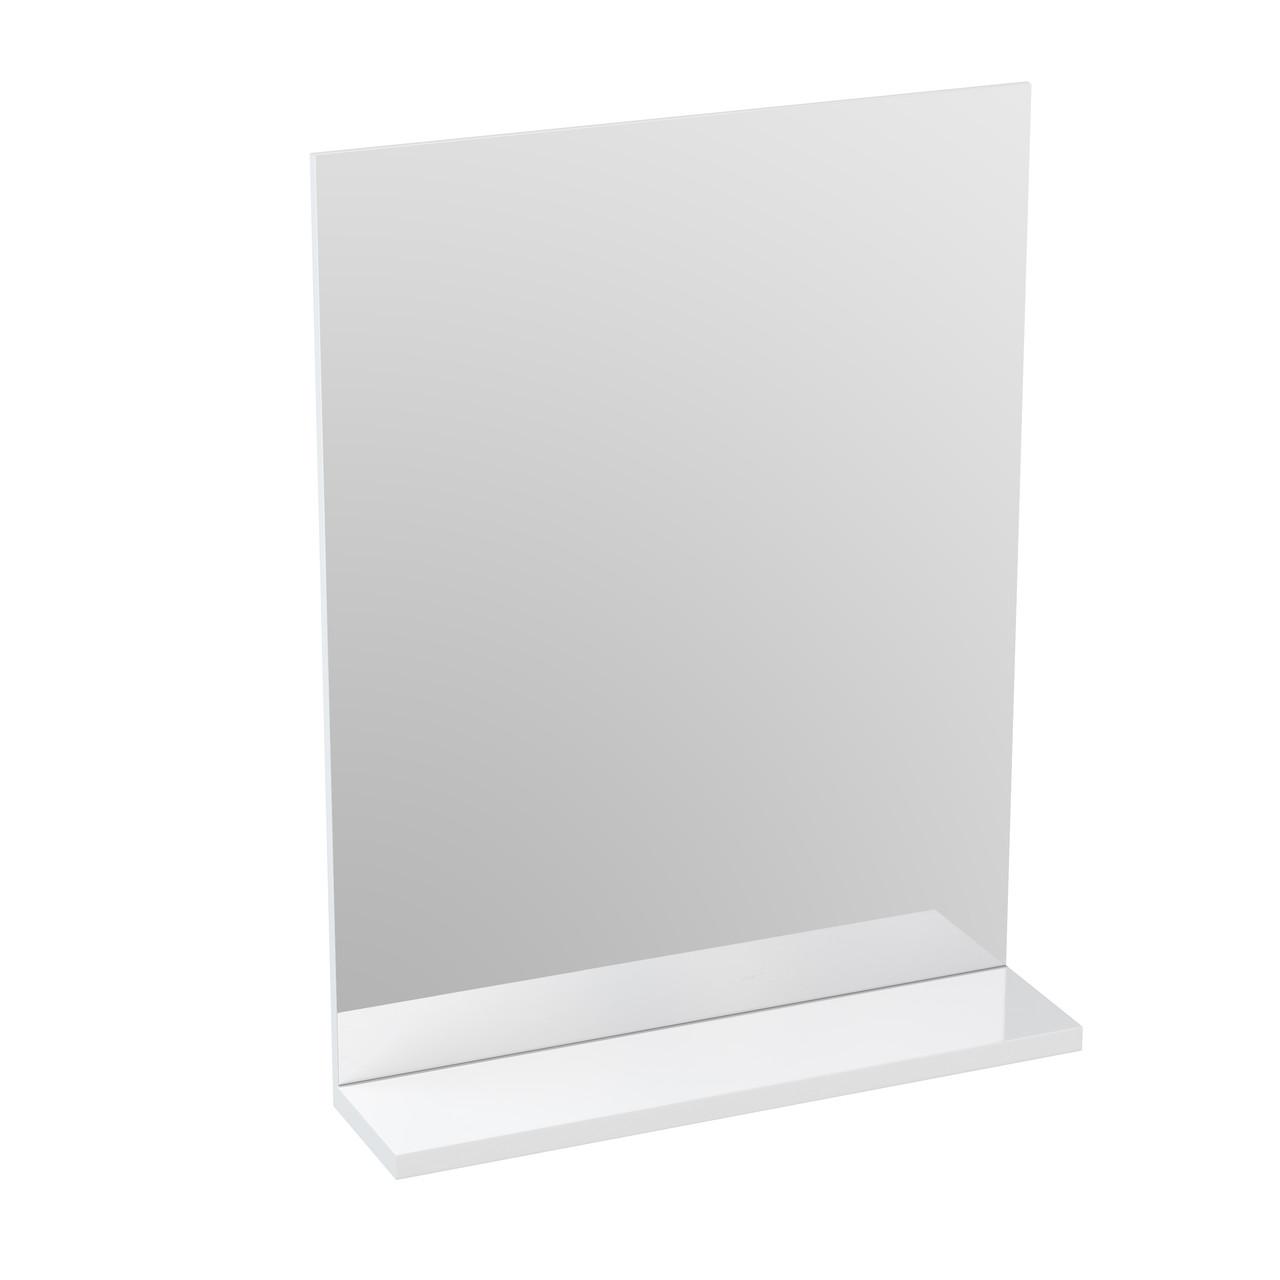 Зеркало с полкой MELAR 50 без подсветки прямоугольное универсальная белый - фото 1